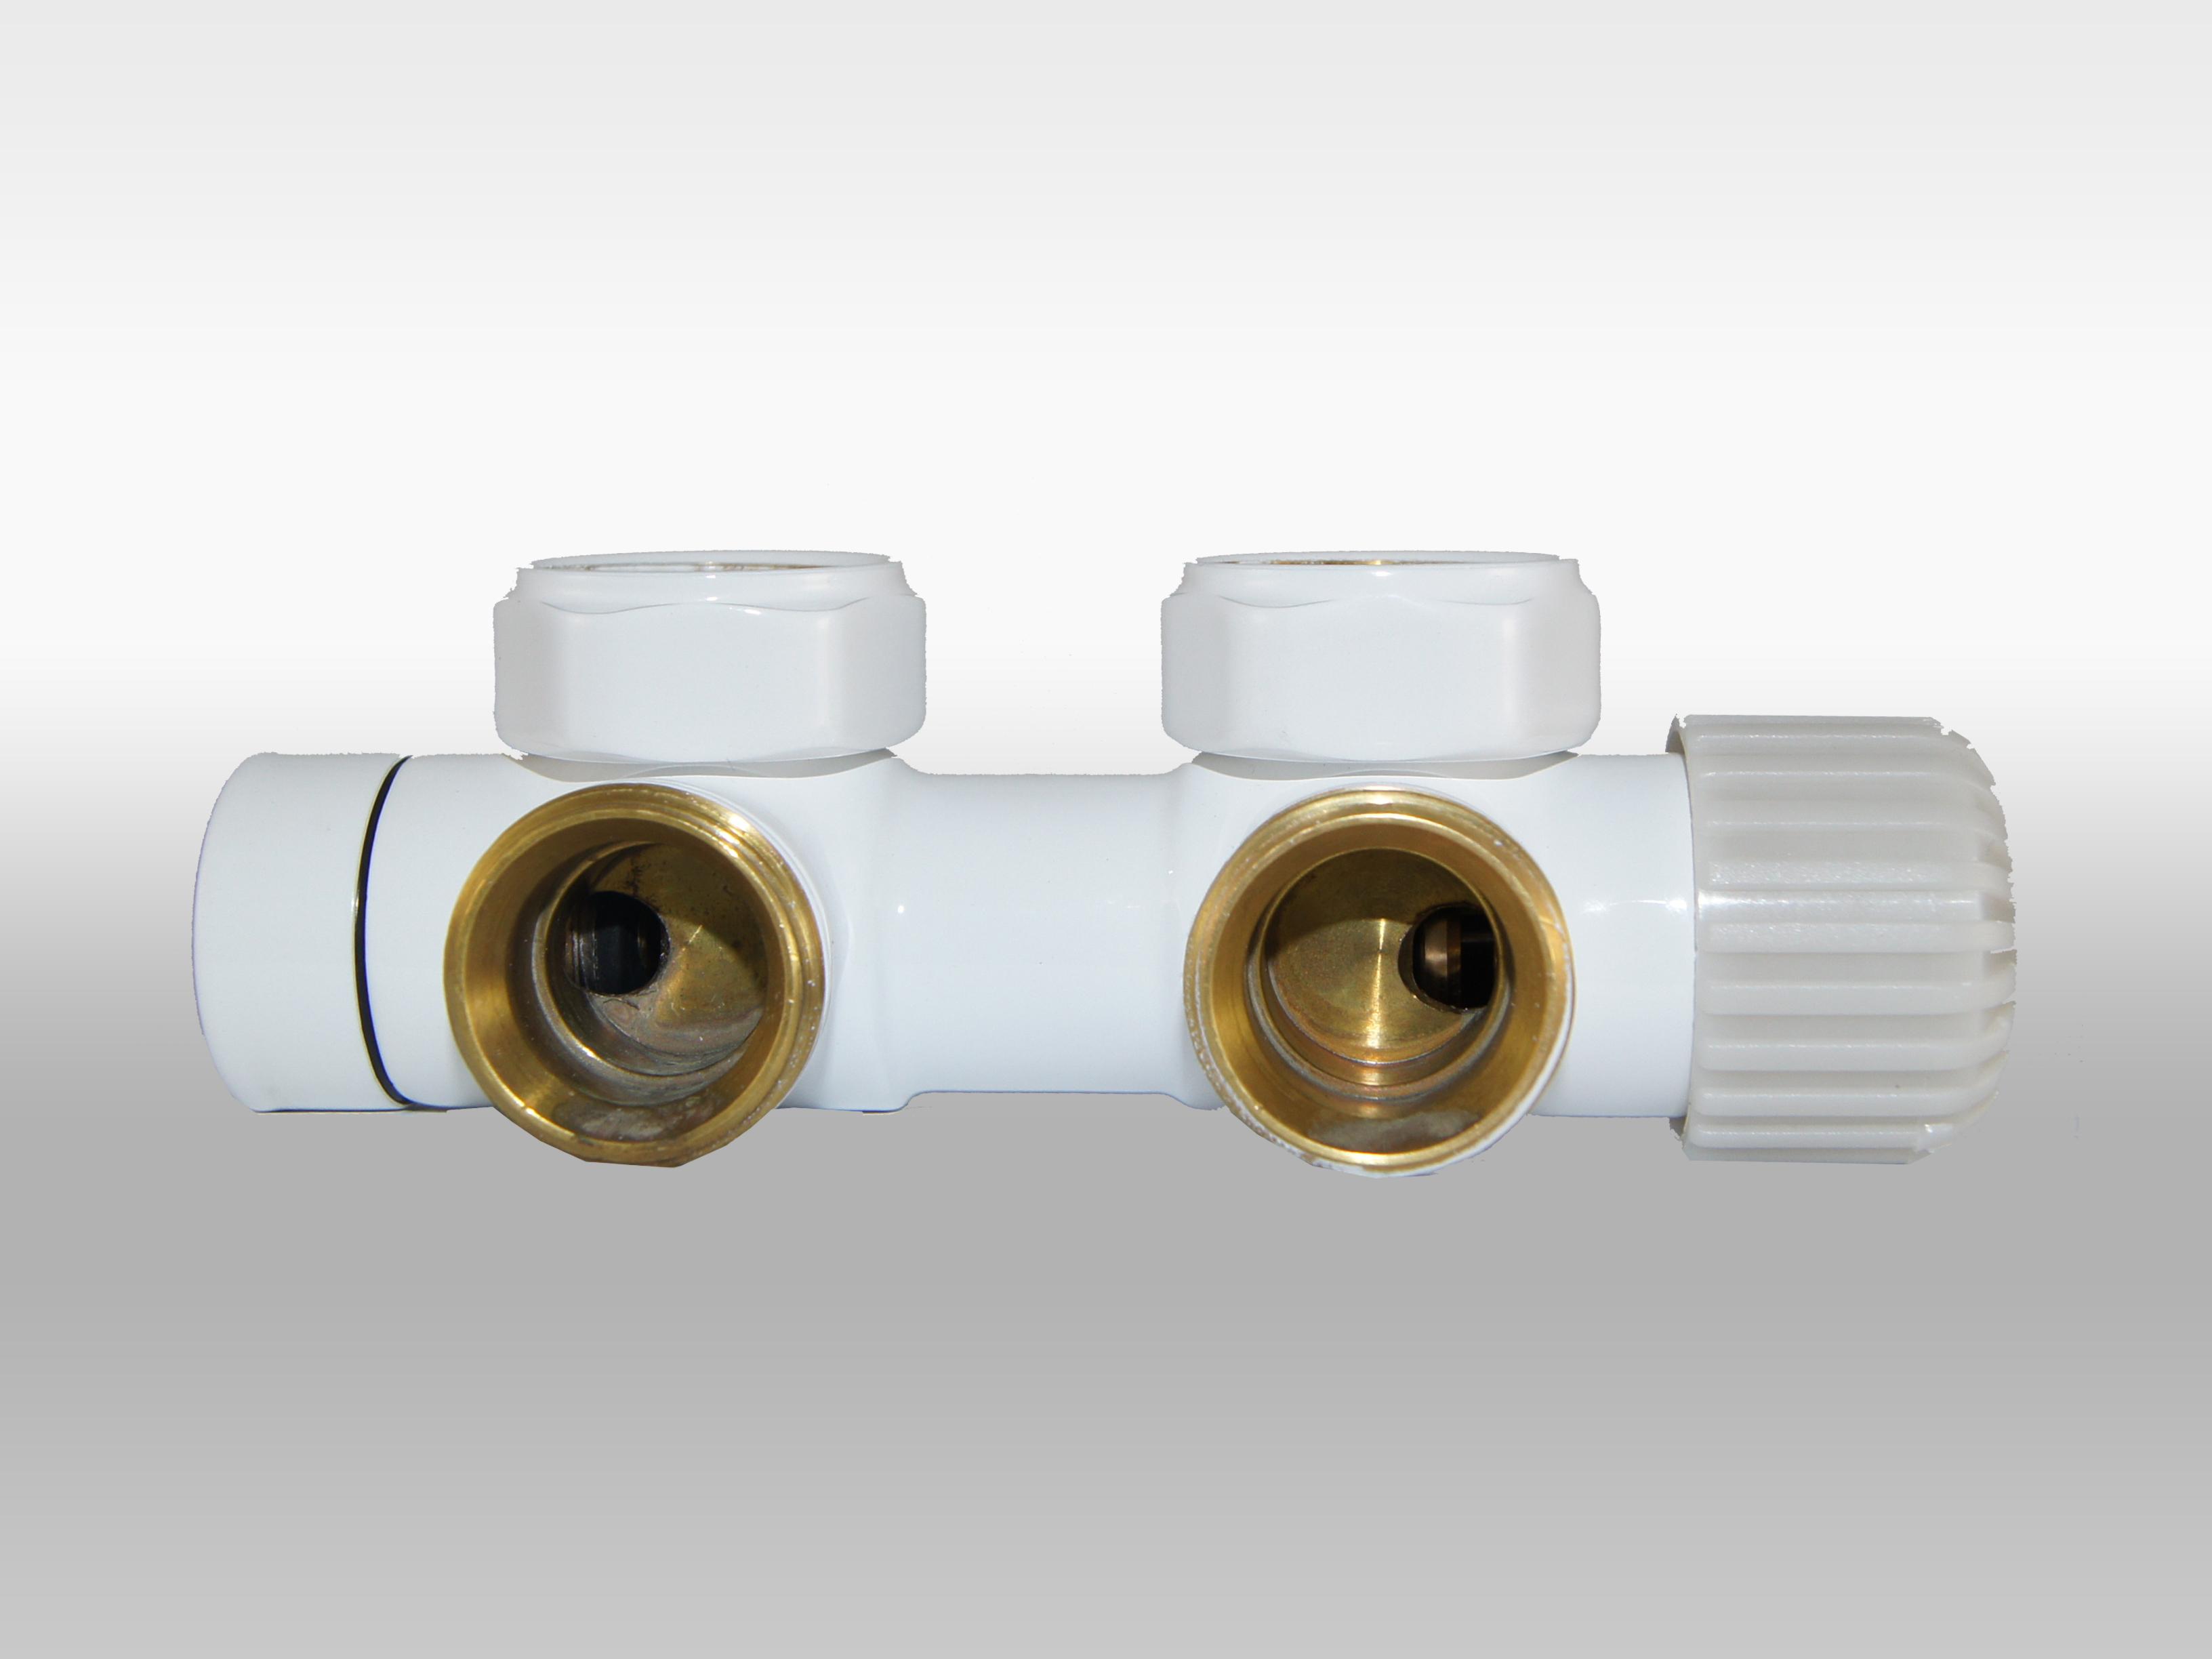 Vario Term Termostatický ventil Twins, středové připojení, 50mm Barva: Matný grafit, Provedení: Levé